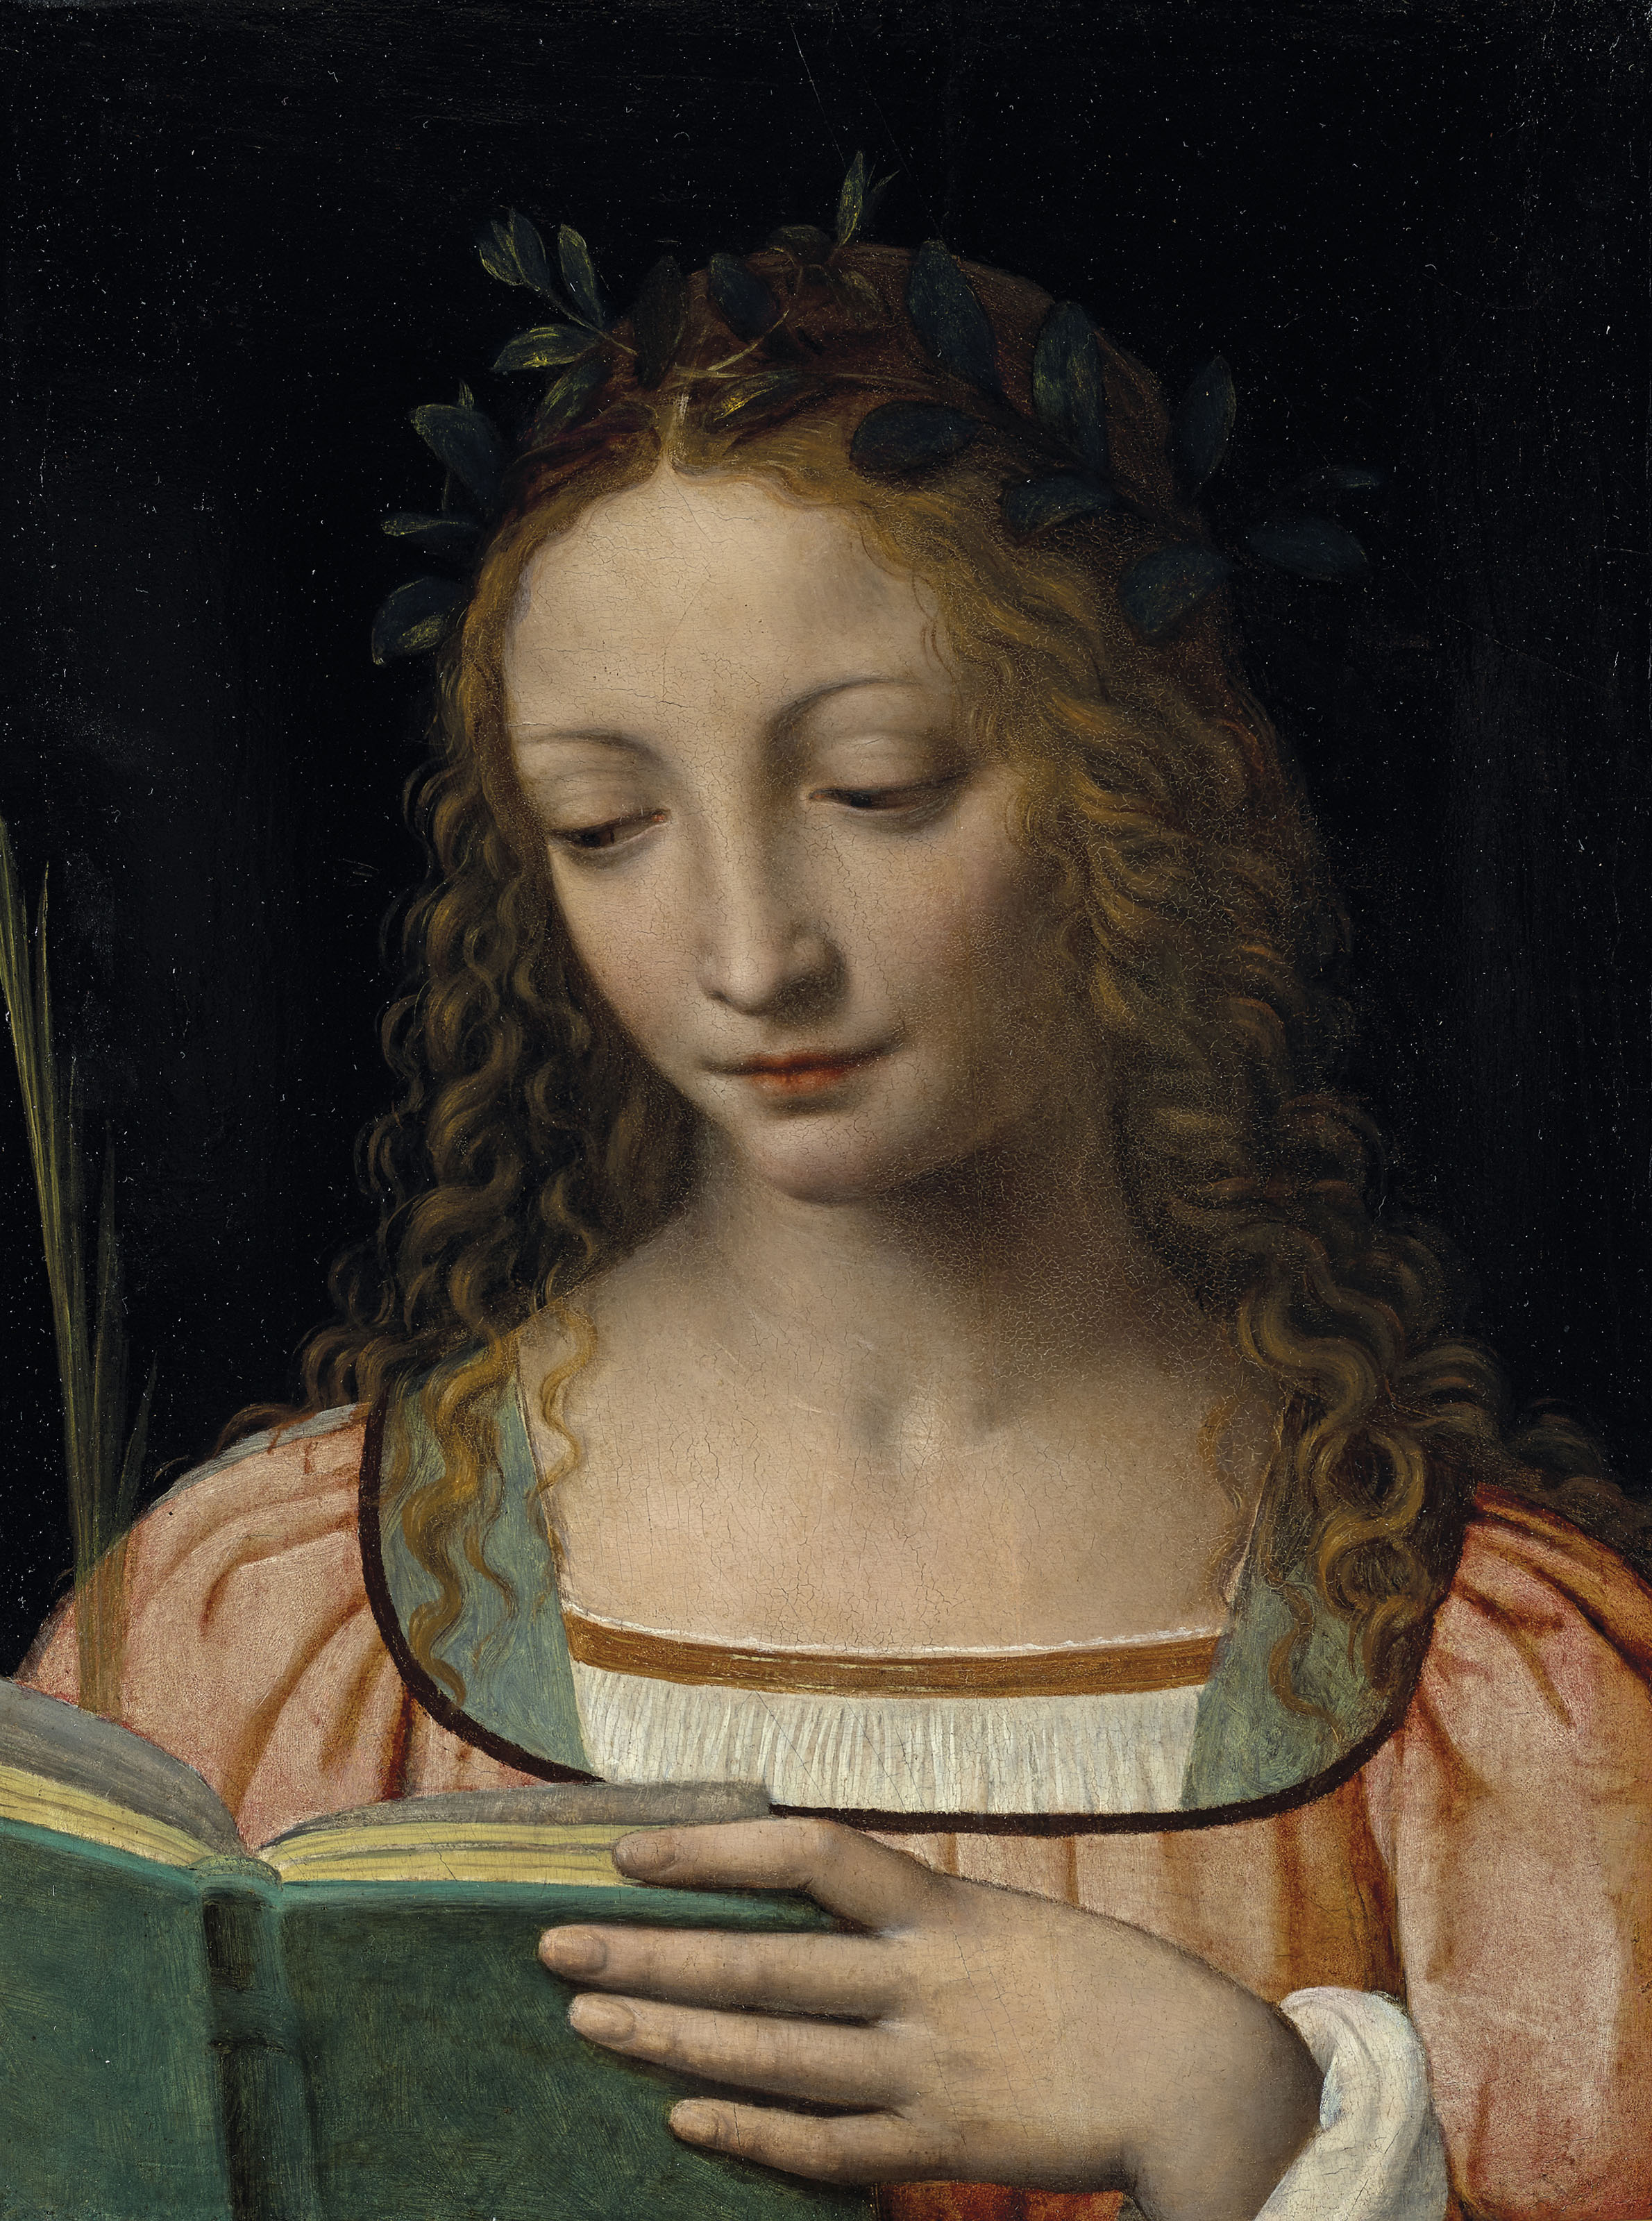 Une figure de sainte, en buste, avec une palme et lisant les Ecritures